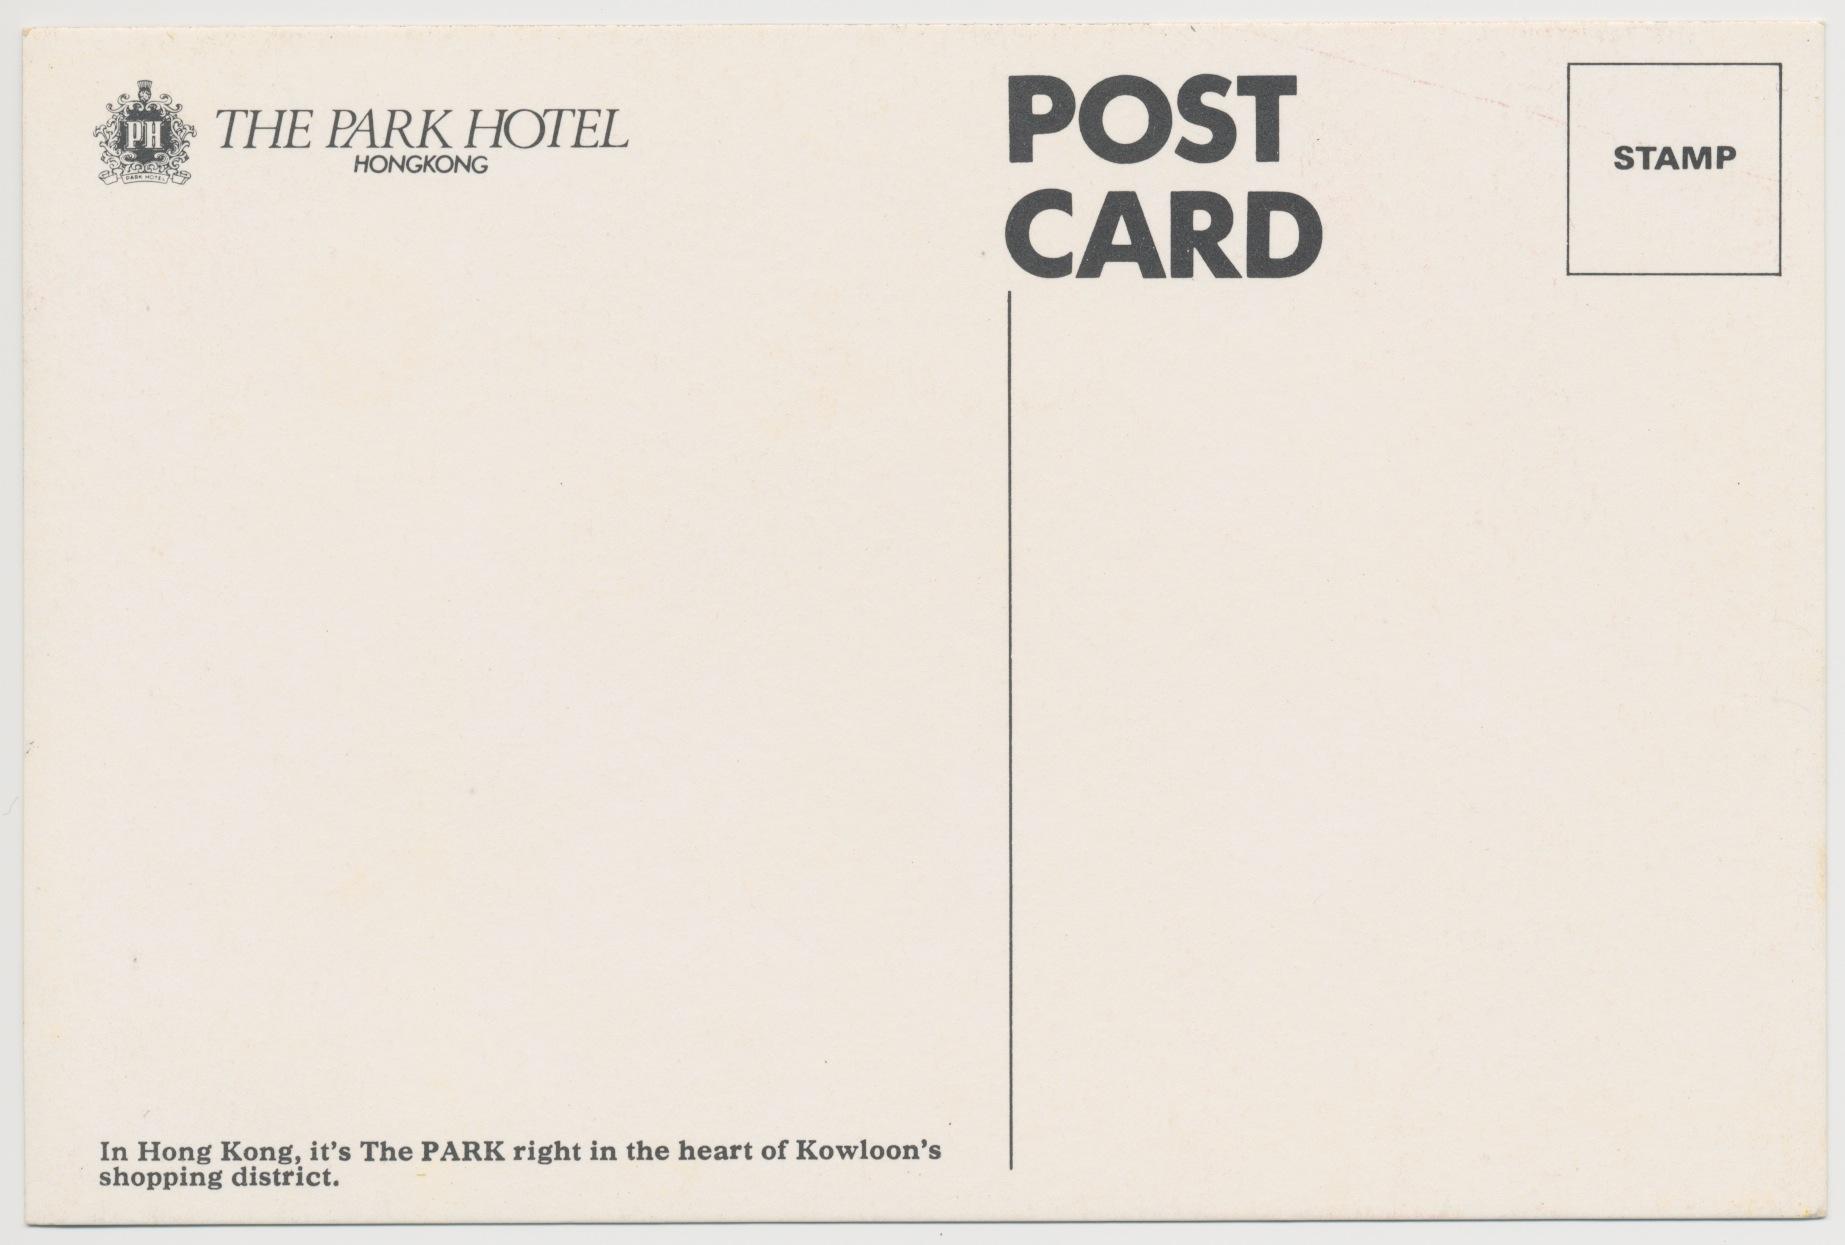 park hotel hong kong 1976 postcard | Aussie Emjay's Blog